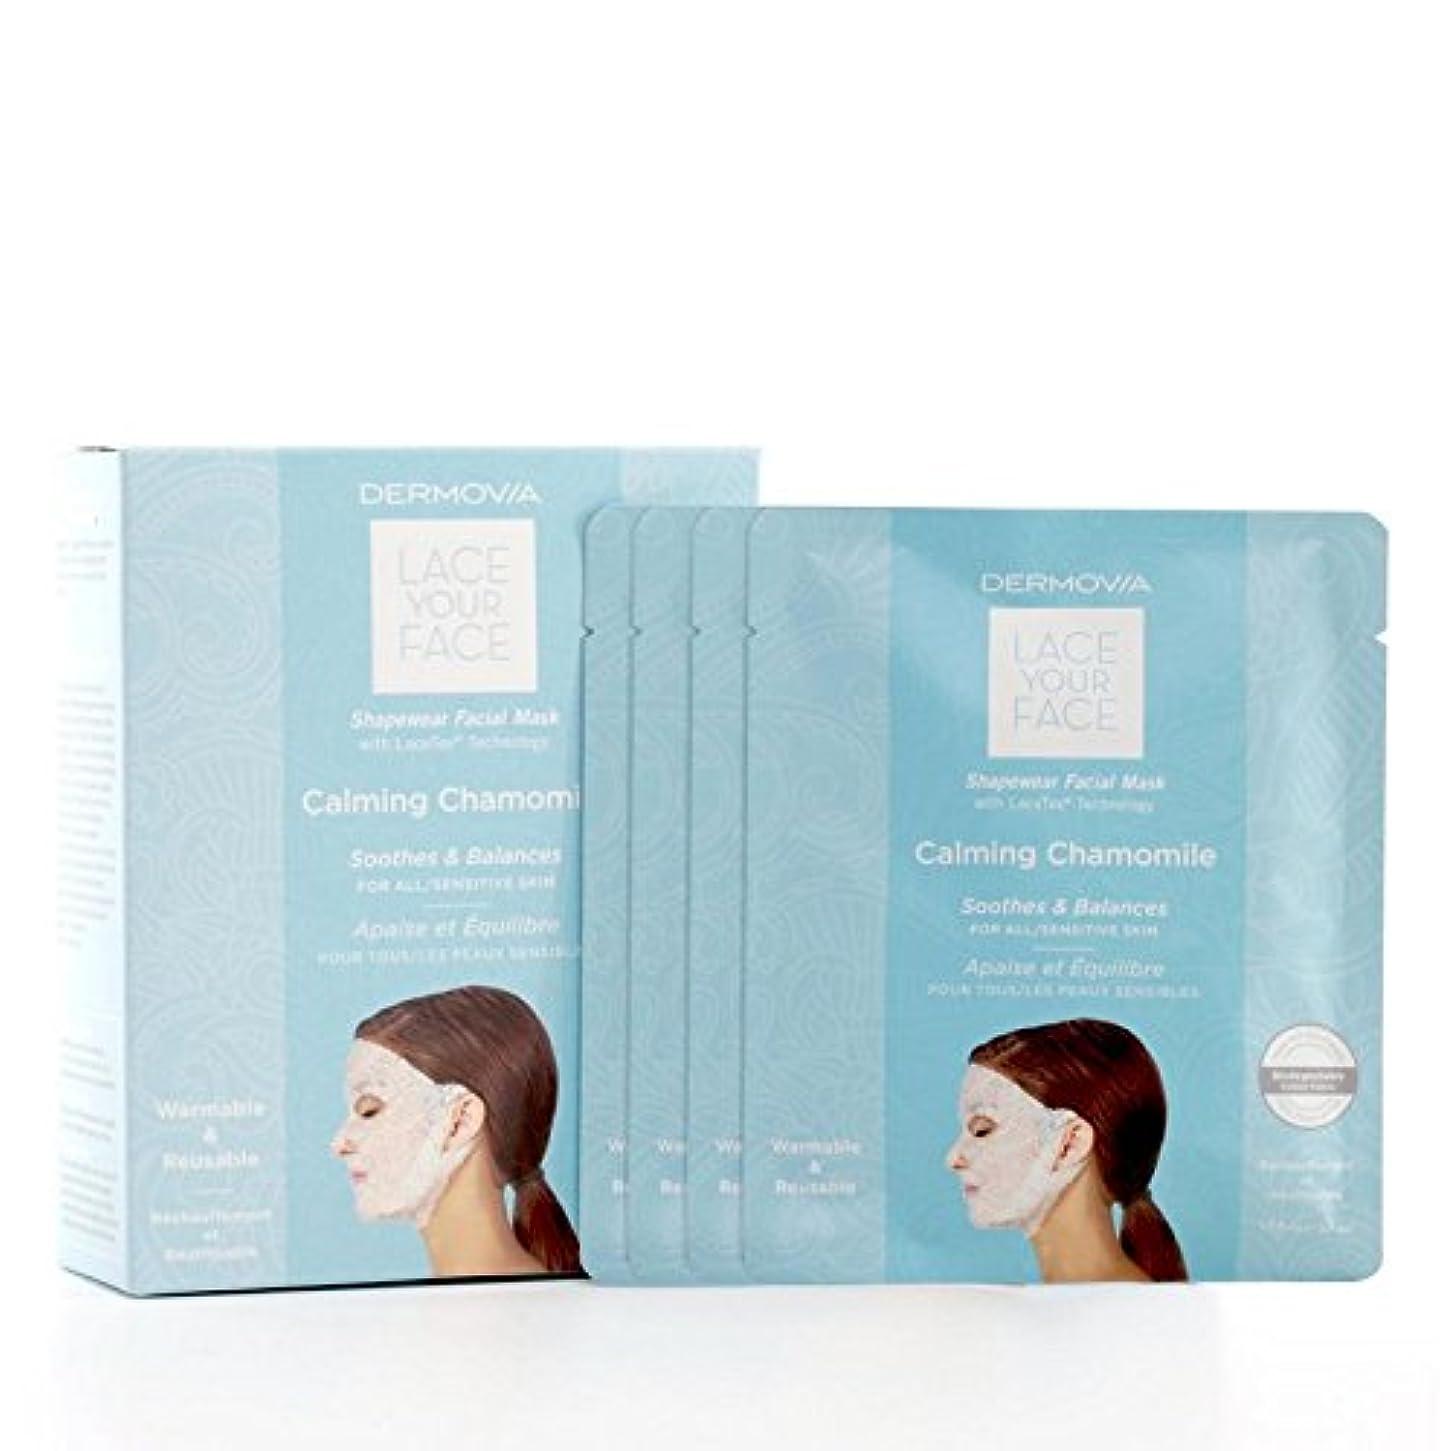 信頼性のある識字枯渇するは、あなたの顔の圧縮フェイシャルマスク心を落ち着かせるカモミールをひもで締めます x2 - Dermovia Lace Your Face Compression Facial Mask Calming Chamomile...